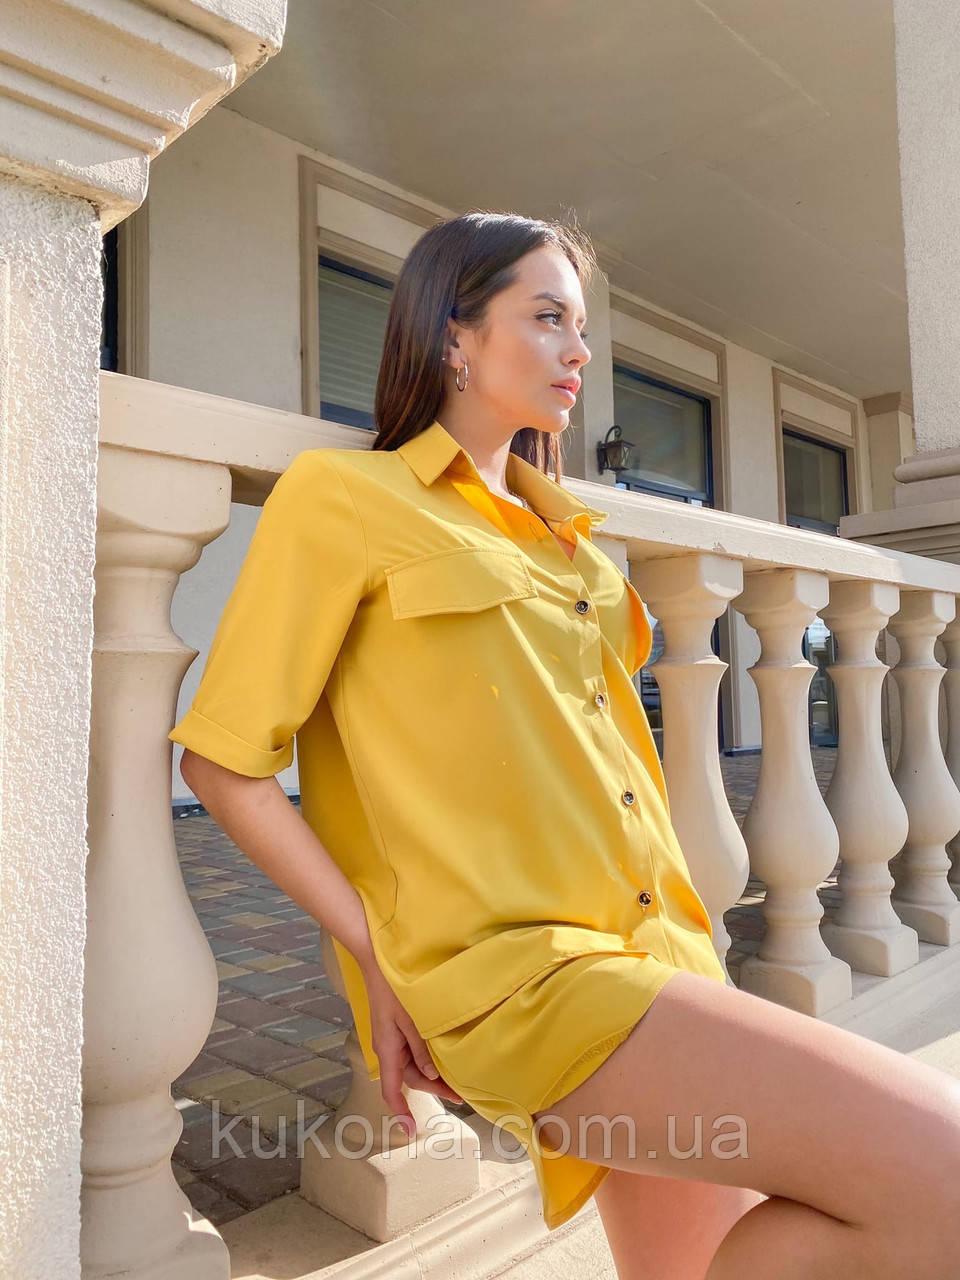 Костюм женский летний с шортами  Размеры 42-44, 46-48 Цвета: горчица, оливка